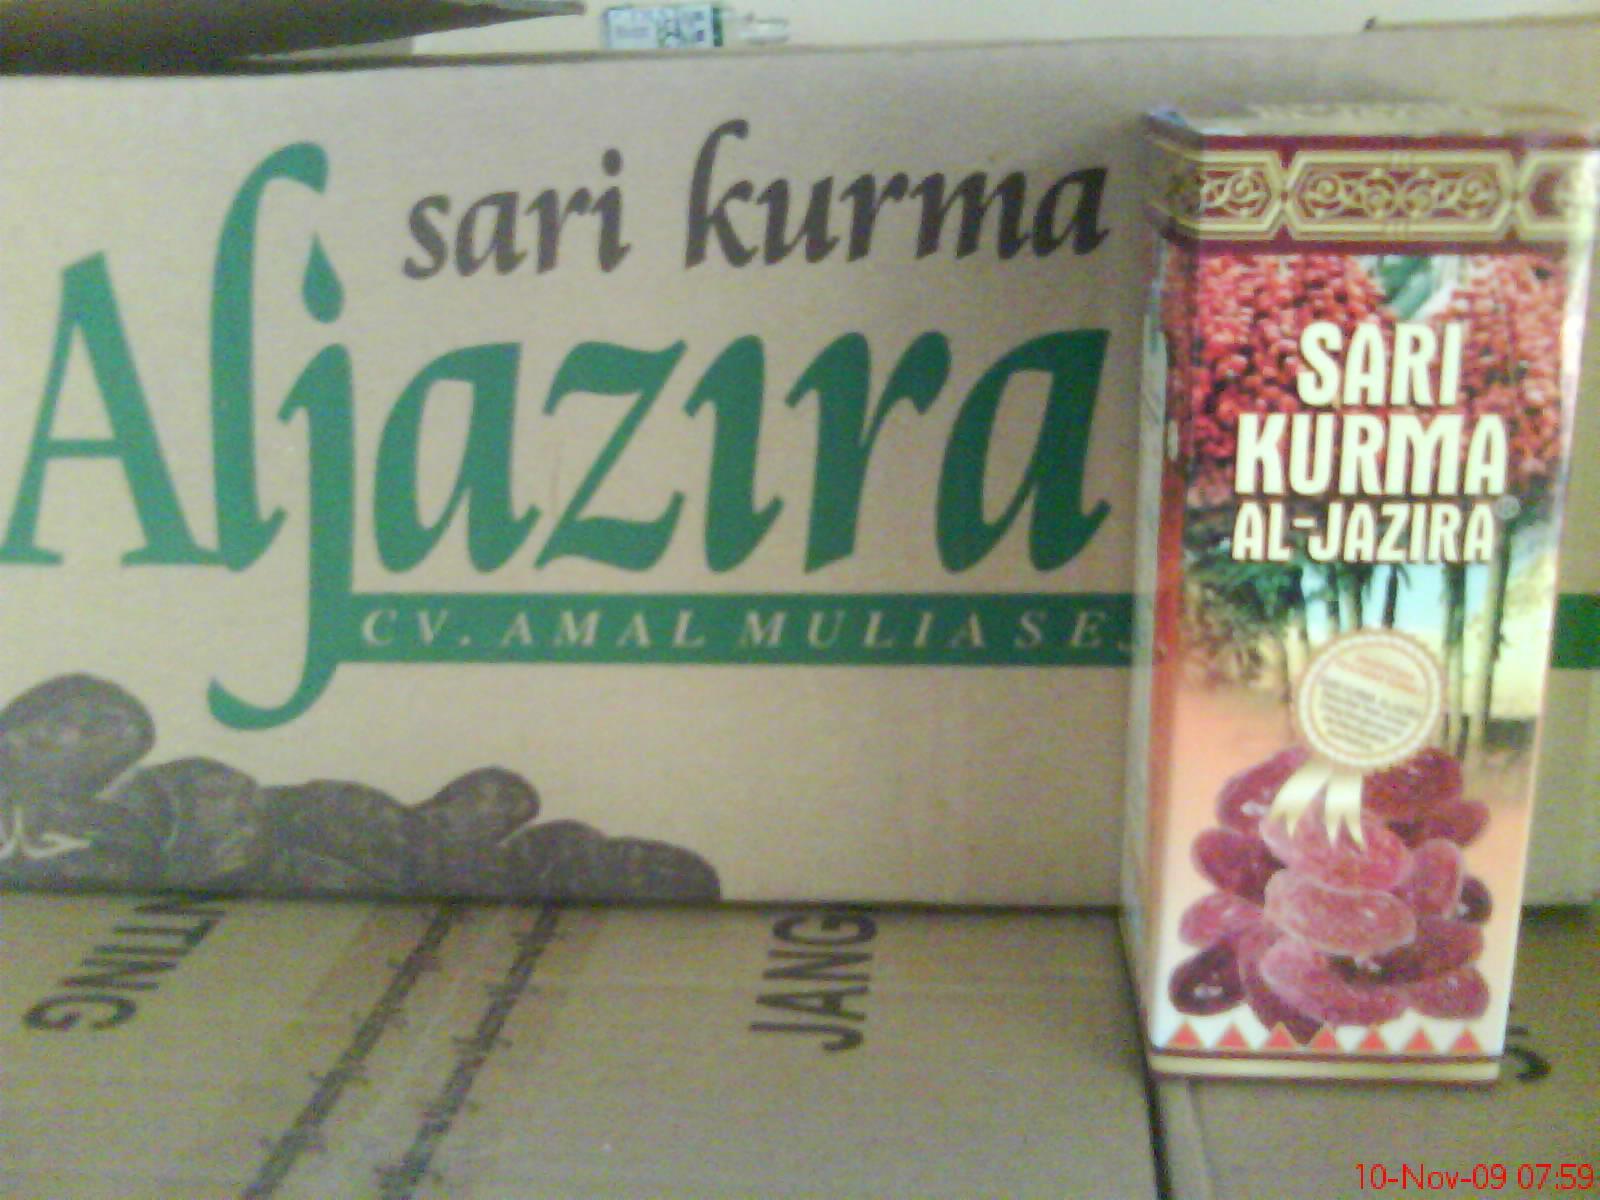 Hikmah Herbal Agency Sari Kurma Aljazira Harga Rp 25000